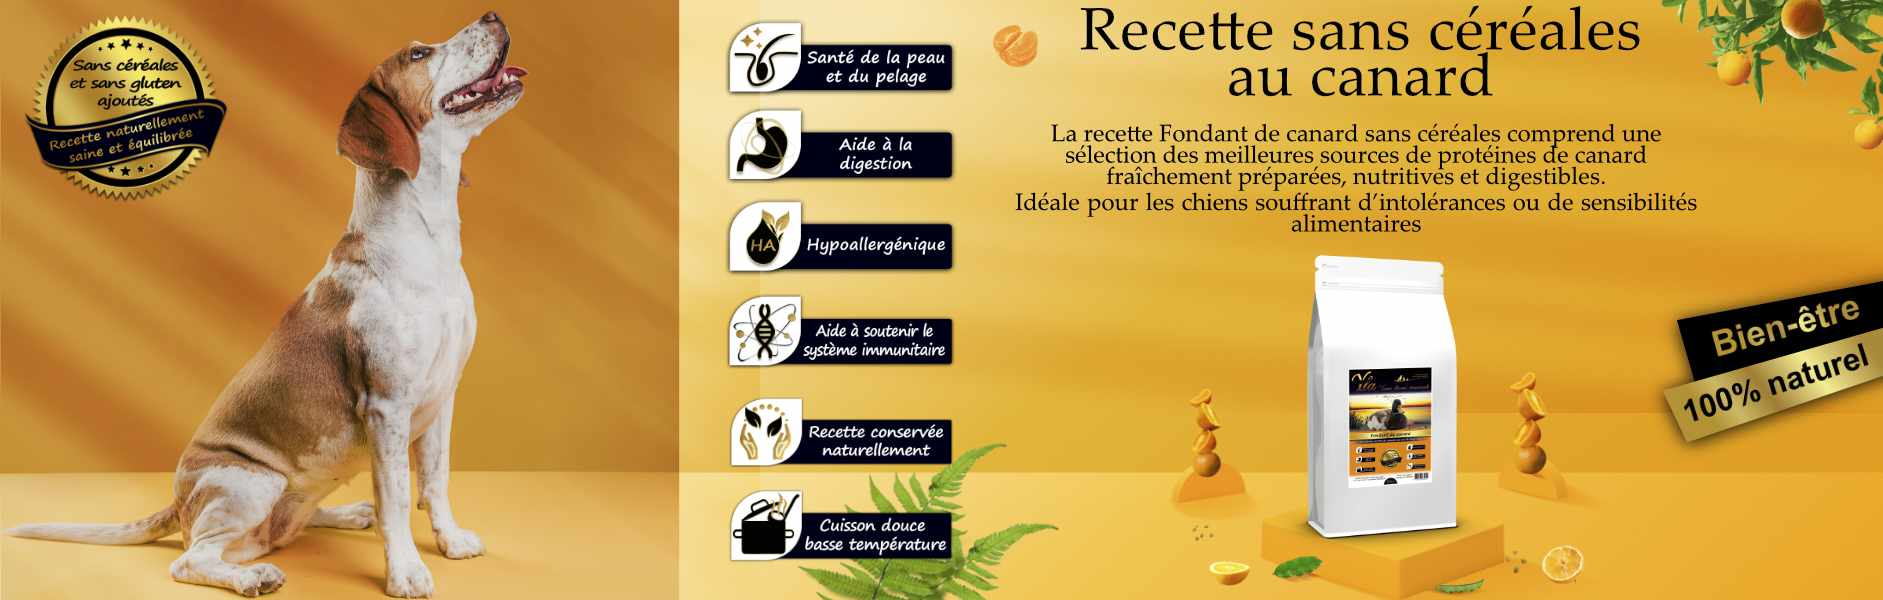 recette-au-canard-pour-chien-avec-intolerance-alimentaire